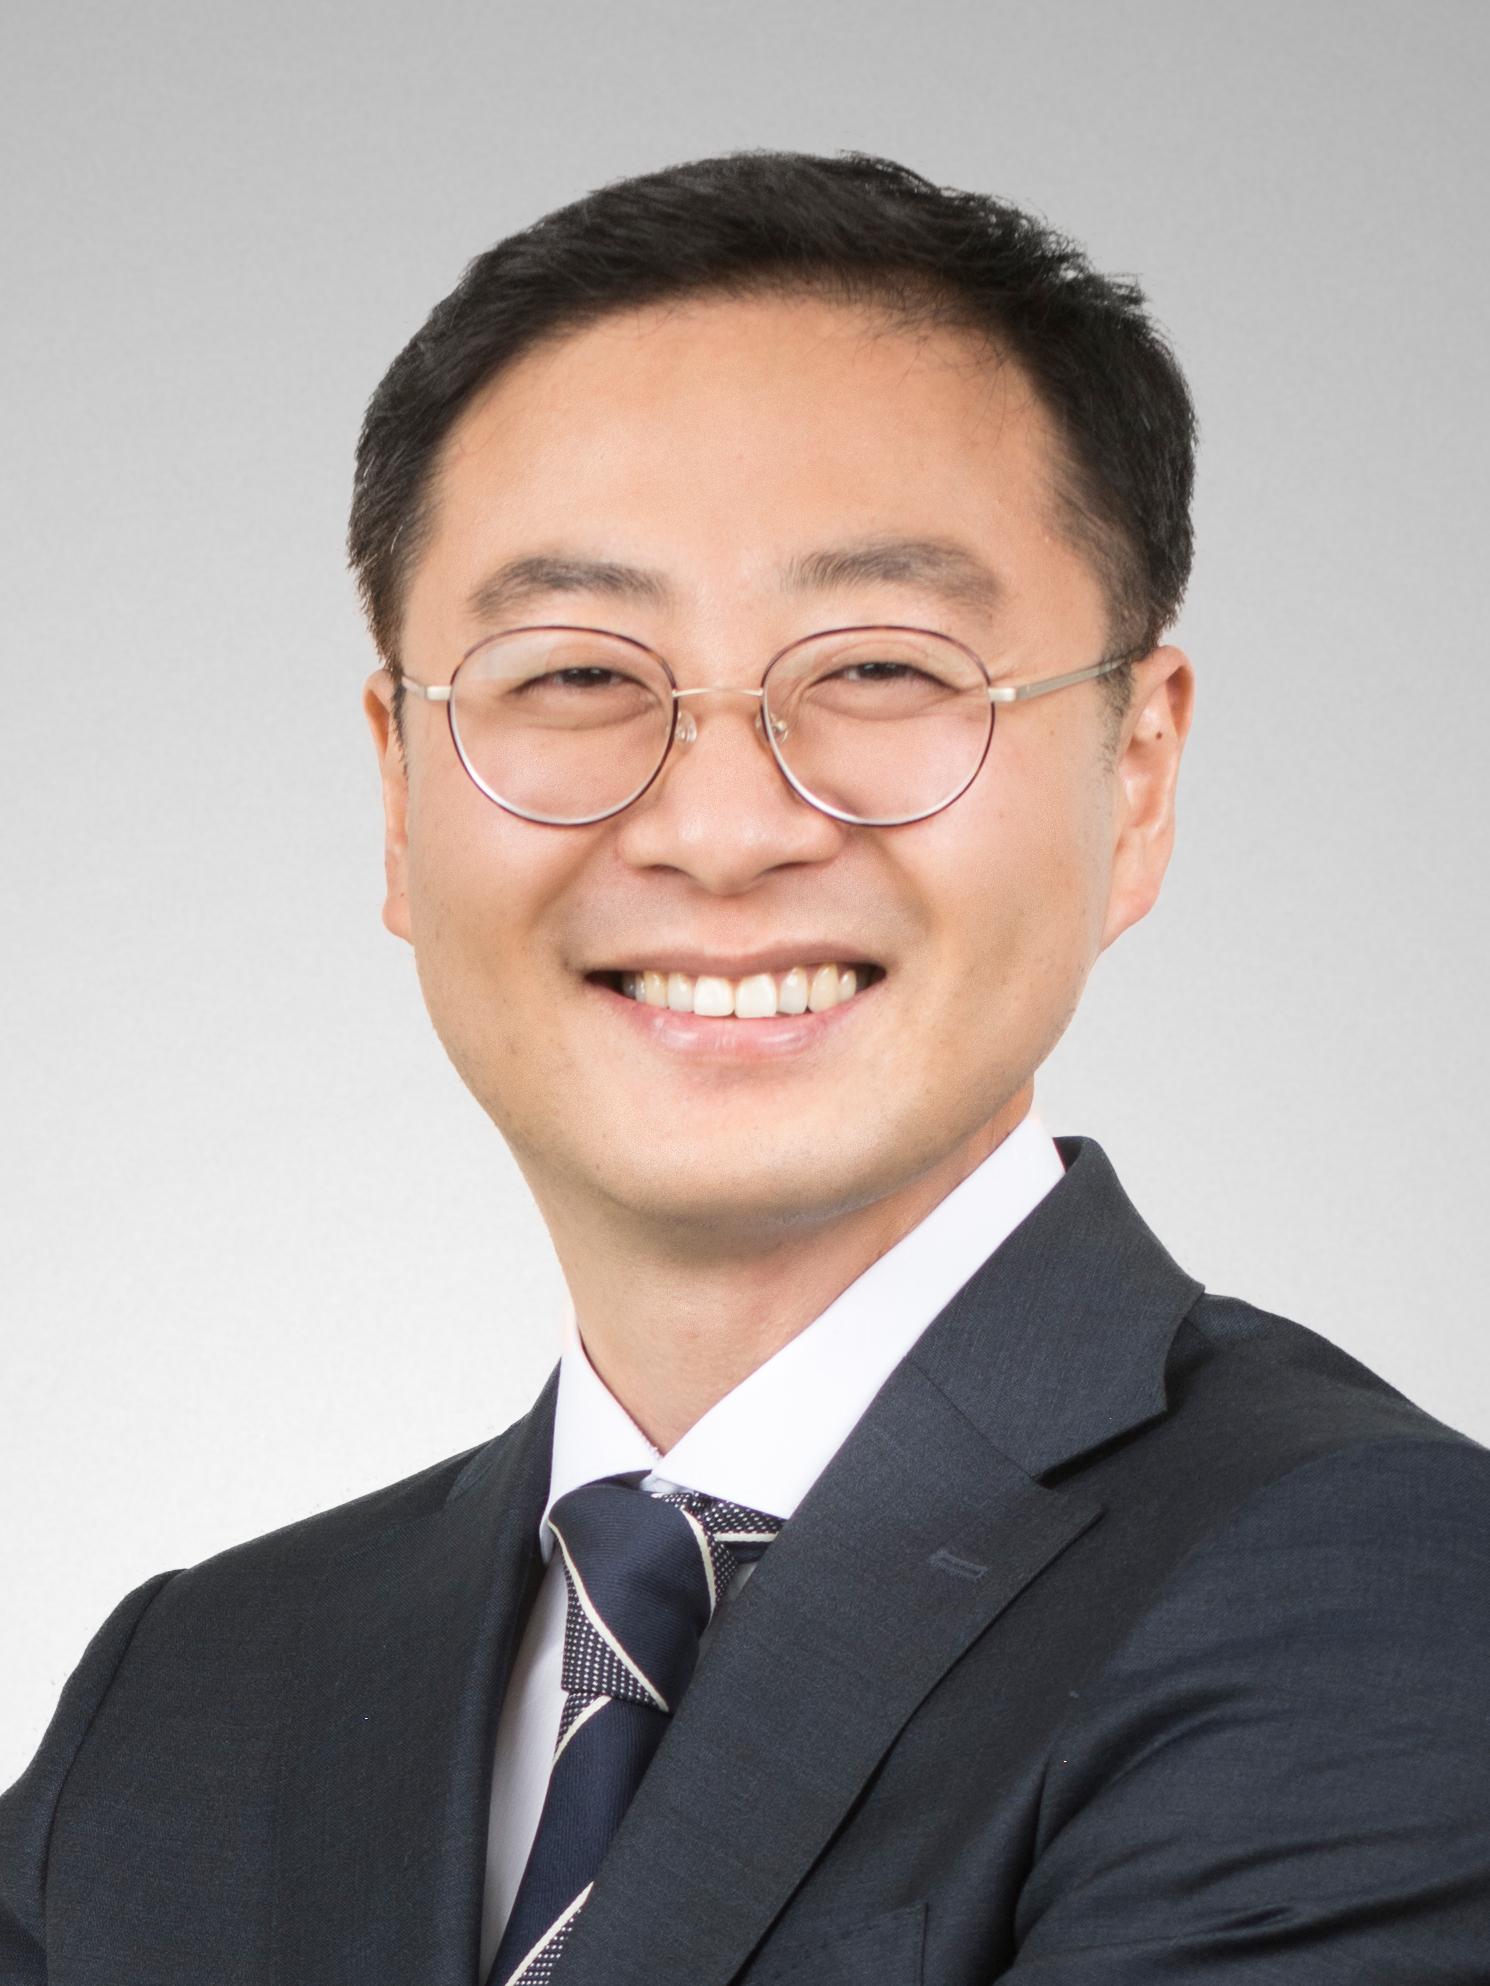 조동호 목사님